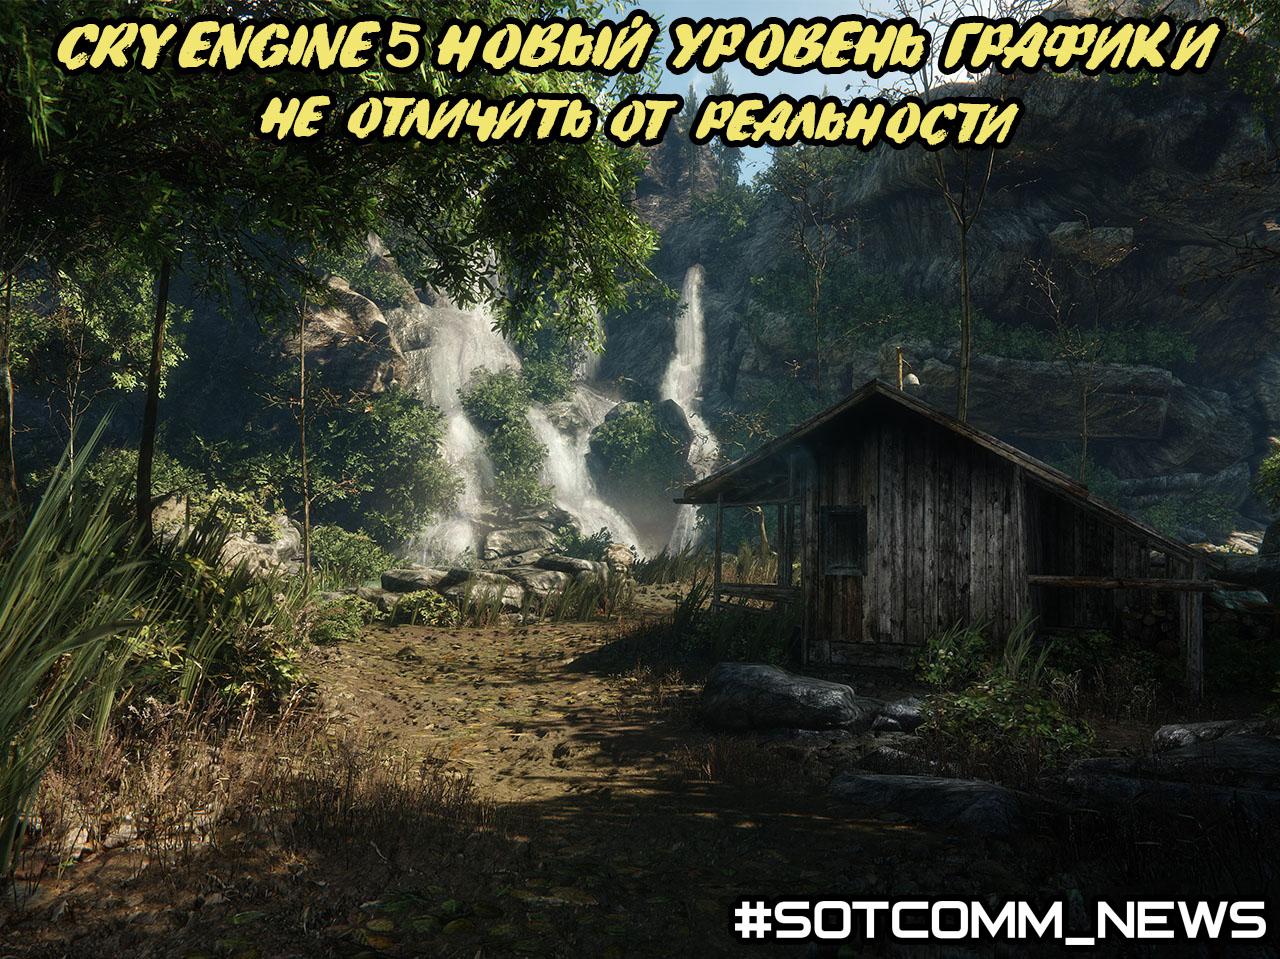 CryEngine 5: картинку сложно отличить от реальности